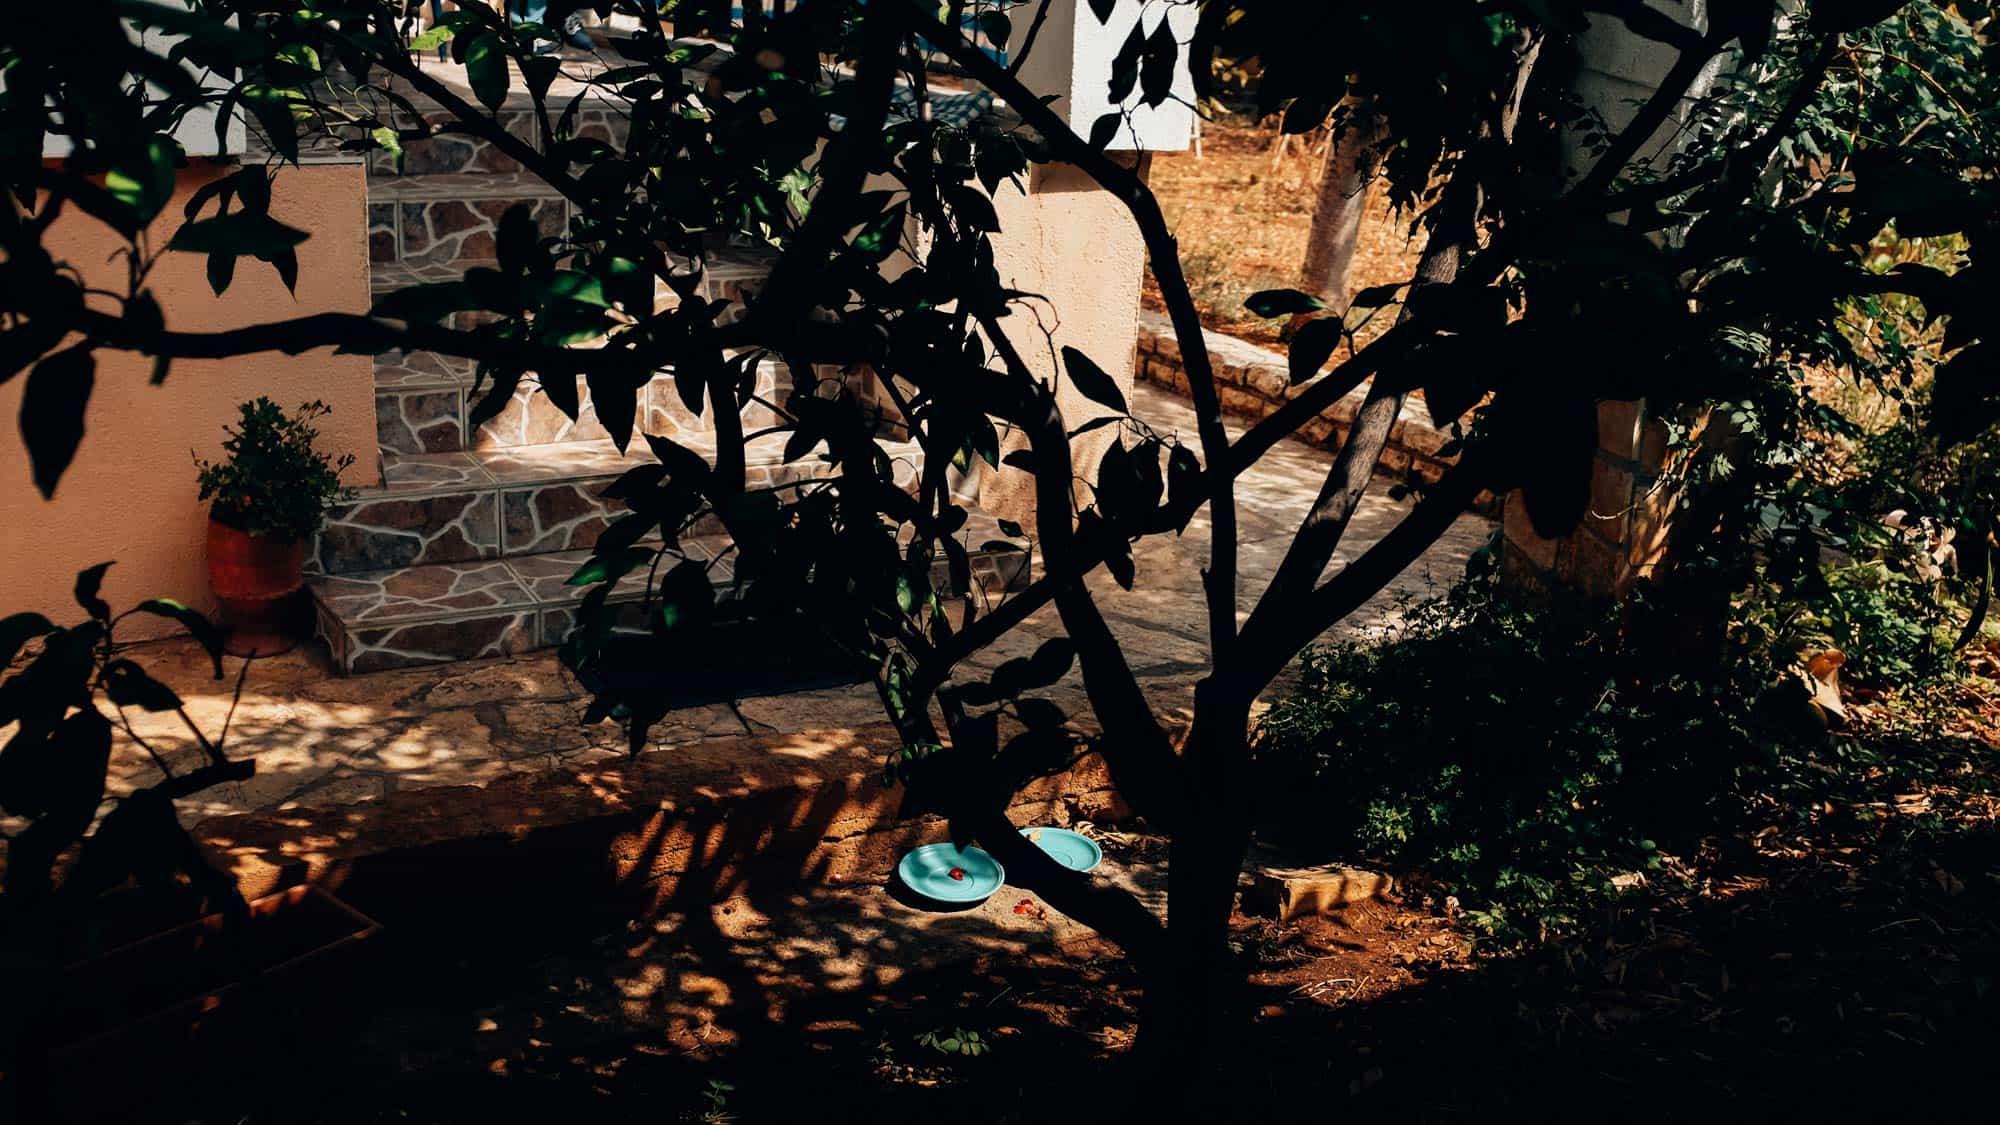 Sylt Fotograf Nordsee Landschaft Hochzeit Meer Fotografie Strand Sand Wasser Sonnenuntergang Portrait Leuchtturm Heiraten auf Sylt Norden Hochzeitsfotograf Sylt Syltfotos Landschaftsfotos Kroatien